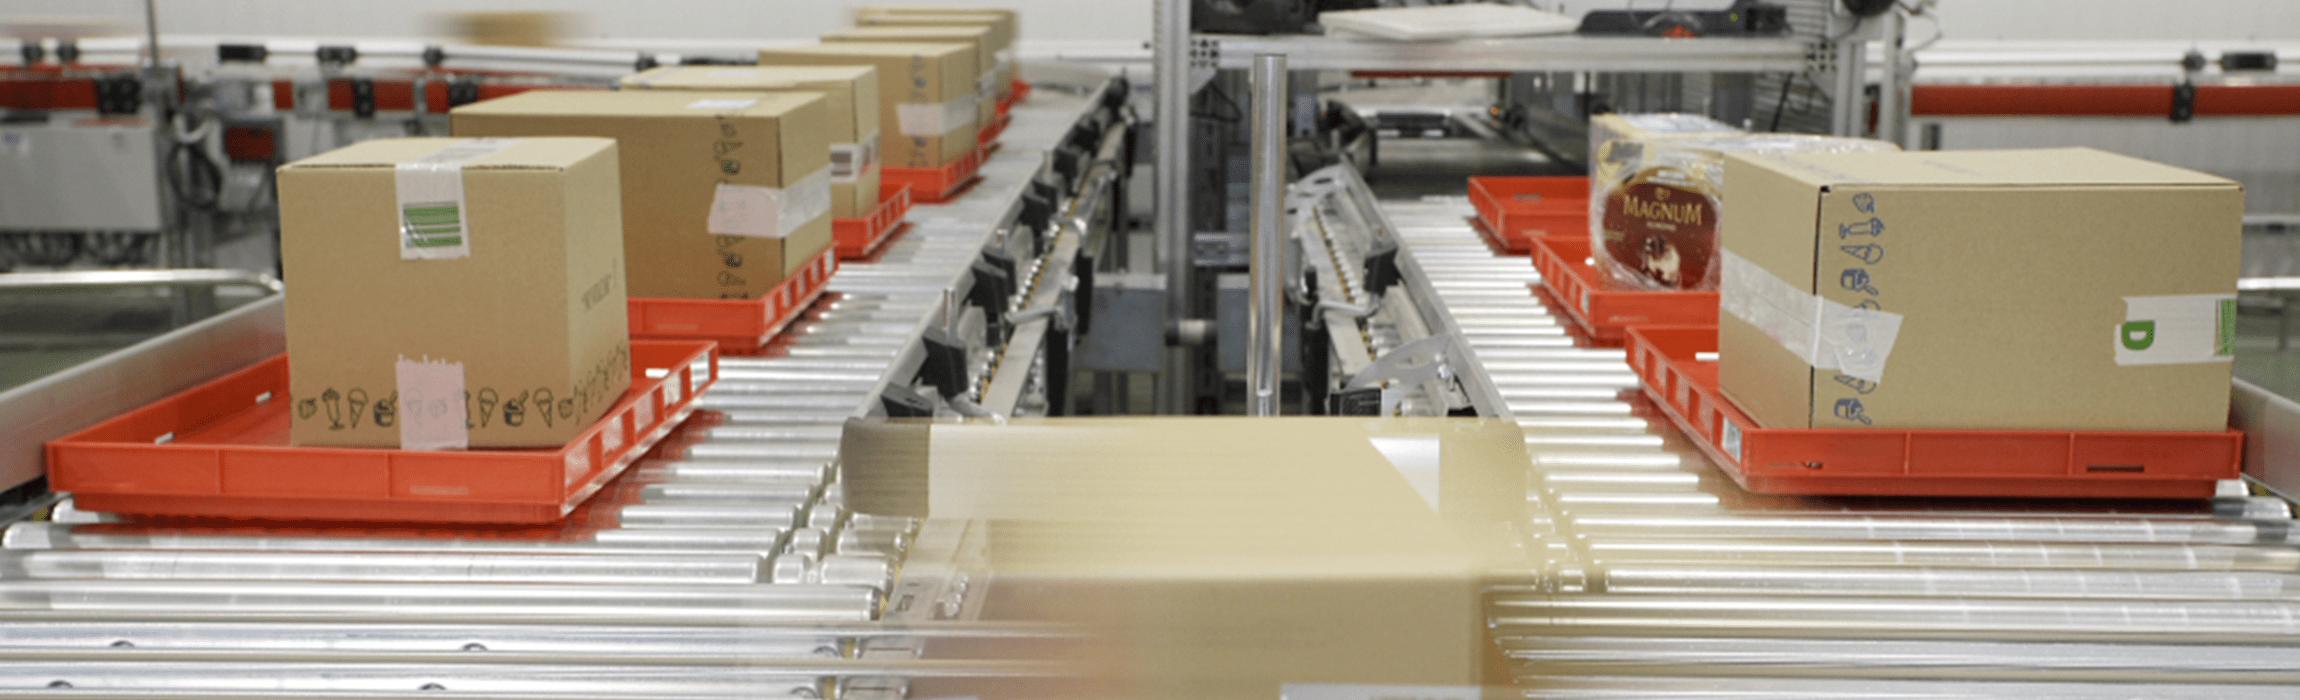 Kürzeste Durchlaufzeiten stellen Frische und höchste Qualität der Ware sicher.